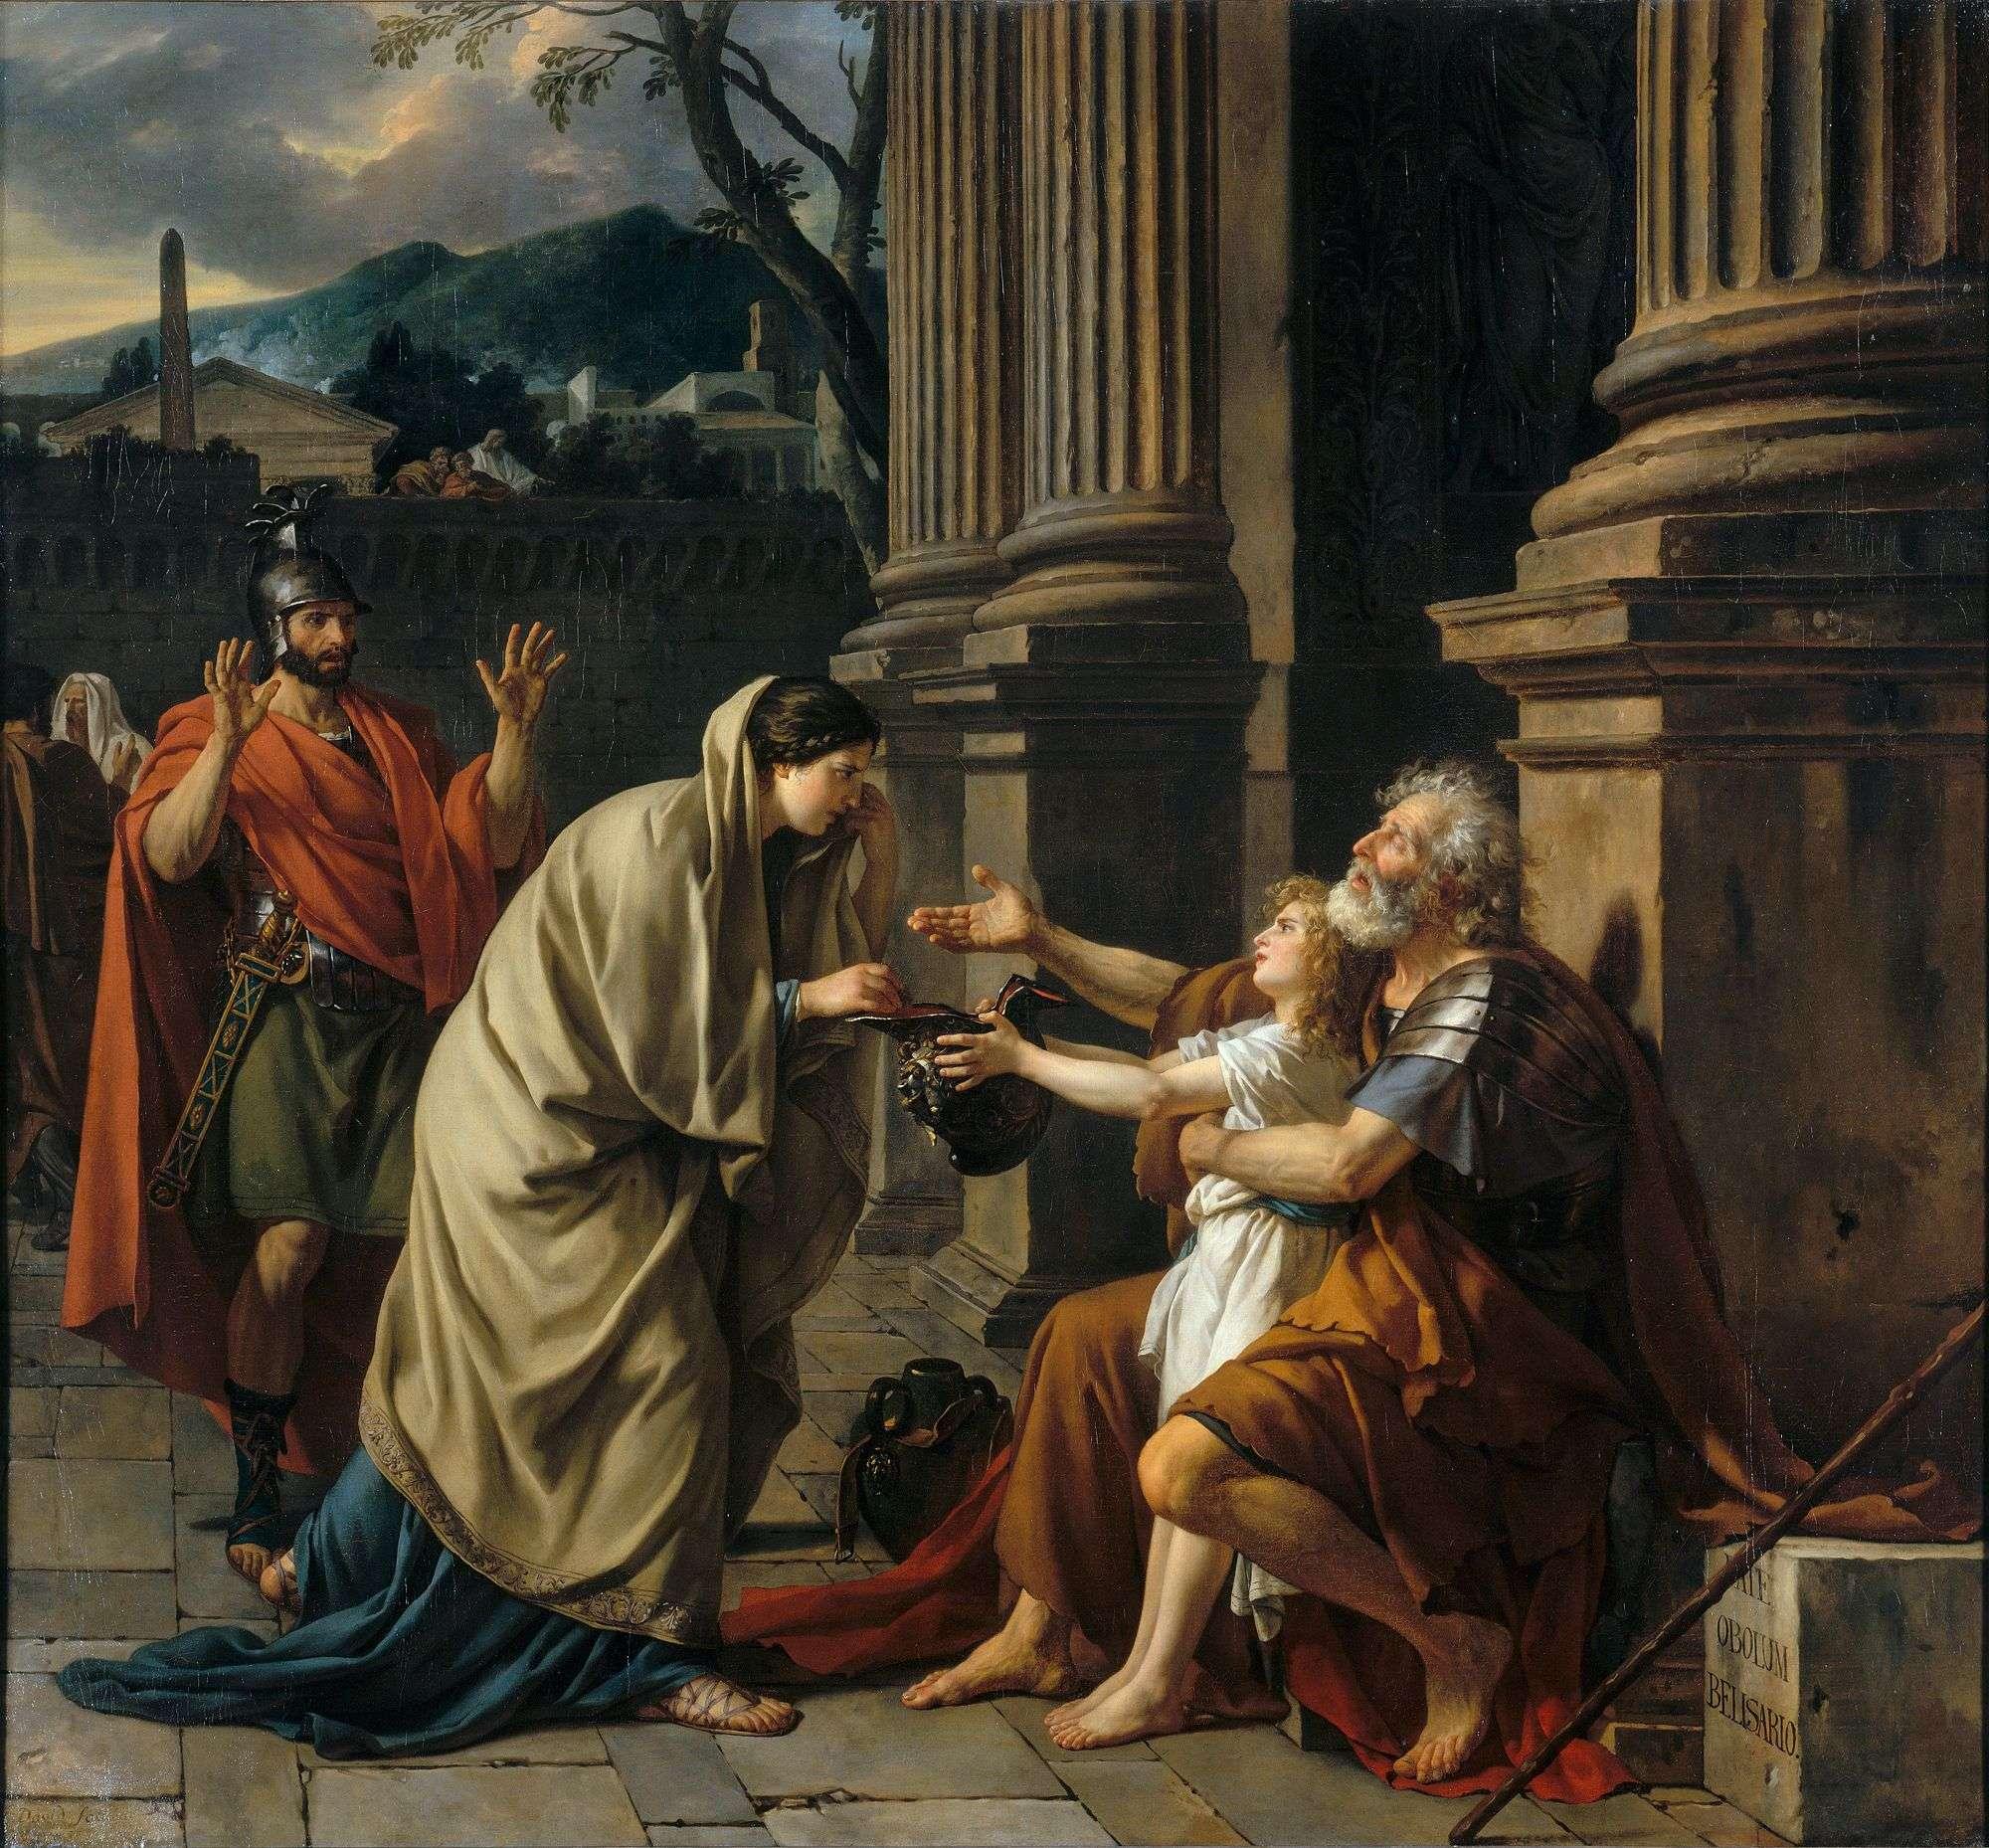 Ο Βελισάριος ως τυφλός ζητιάνος σε πίνακα τού Ζακ-Λουί Νταβίντ (1781). Οι διηγήσεις που ήθελαν τον Βελισάριο να καταλήγει τυφλός επαίτης εμφανίστηκαν στο Βυζάντιο κυρίως από τον 12ο αι. και επηρέασαν τη δυτικοευρωπαϊκή τέχνη και γραμματεία μέχρι και τους νεότερους χρόνους, παραμερίζοντας την πραγματική ιστορία.